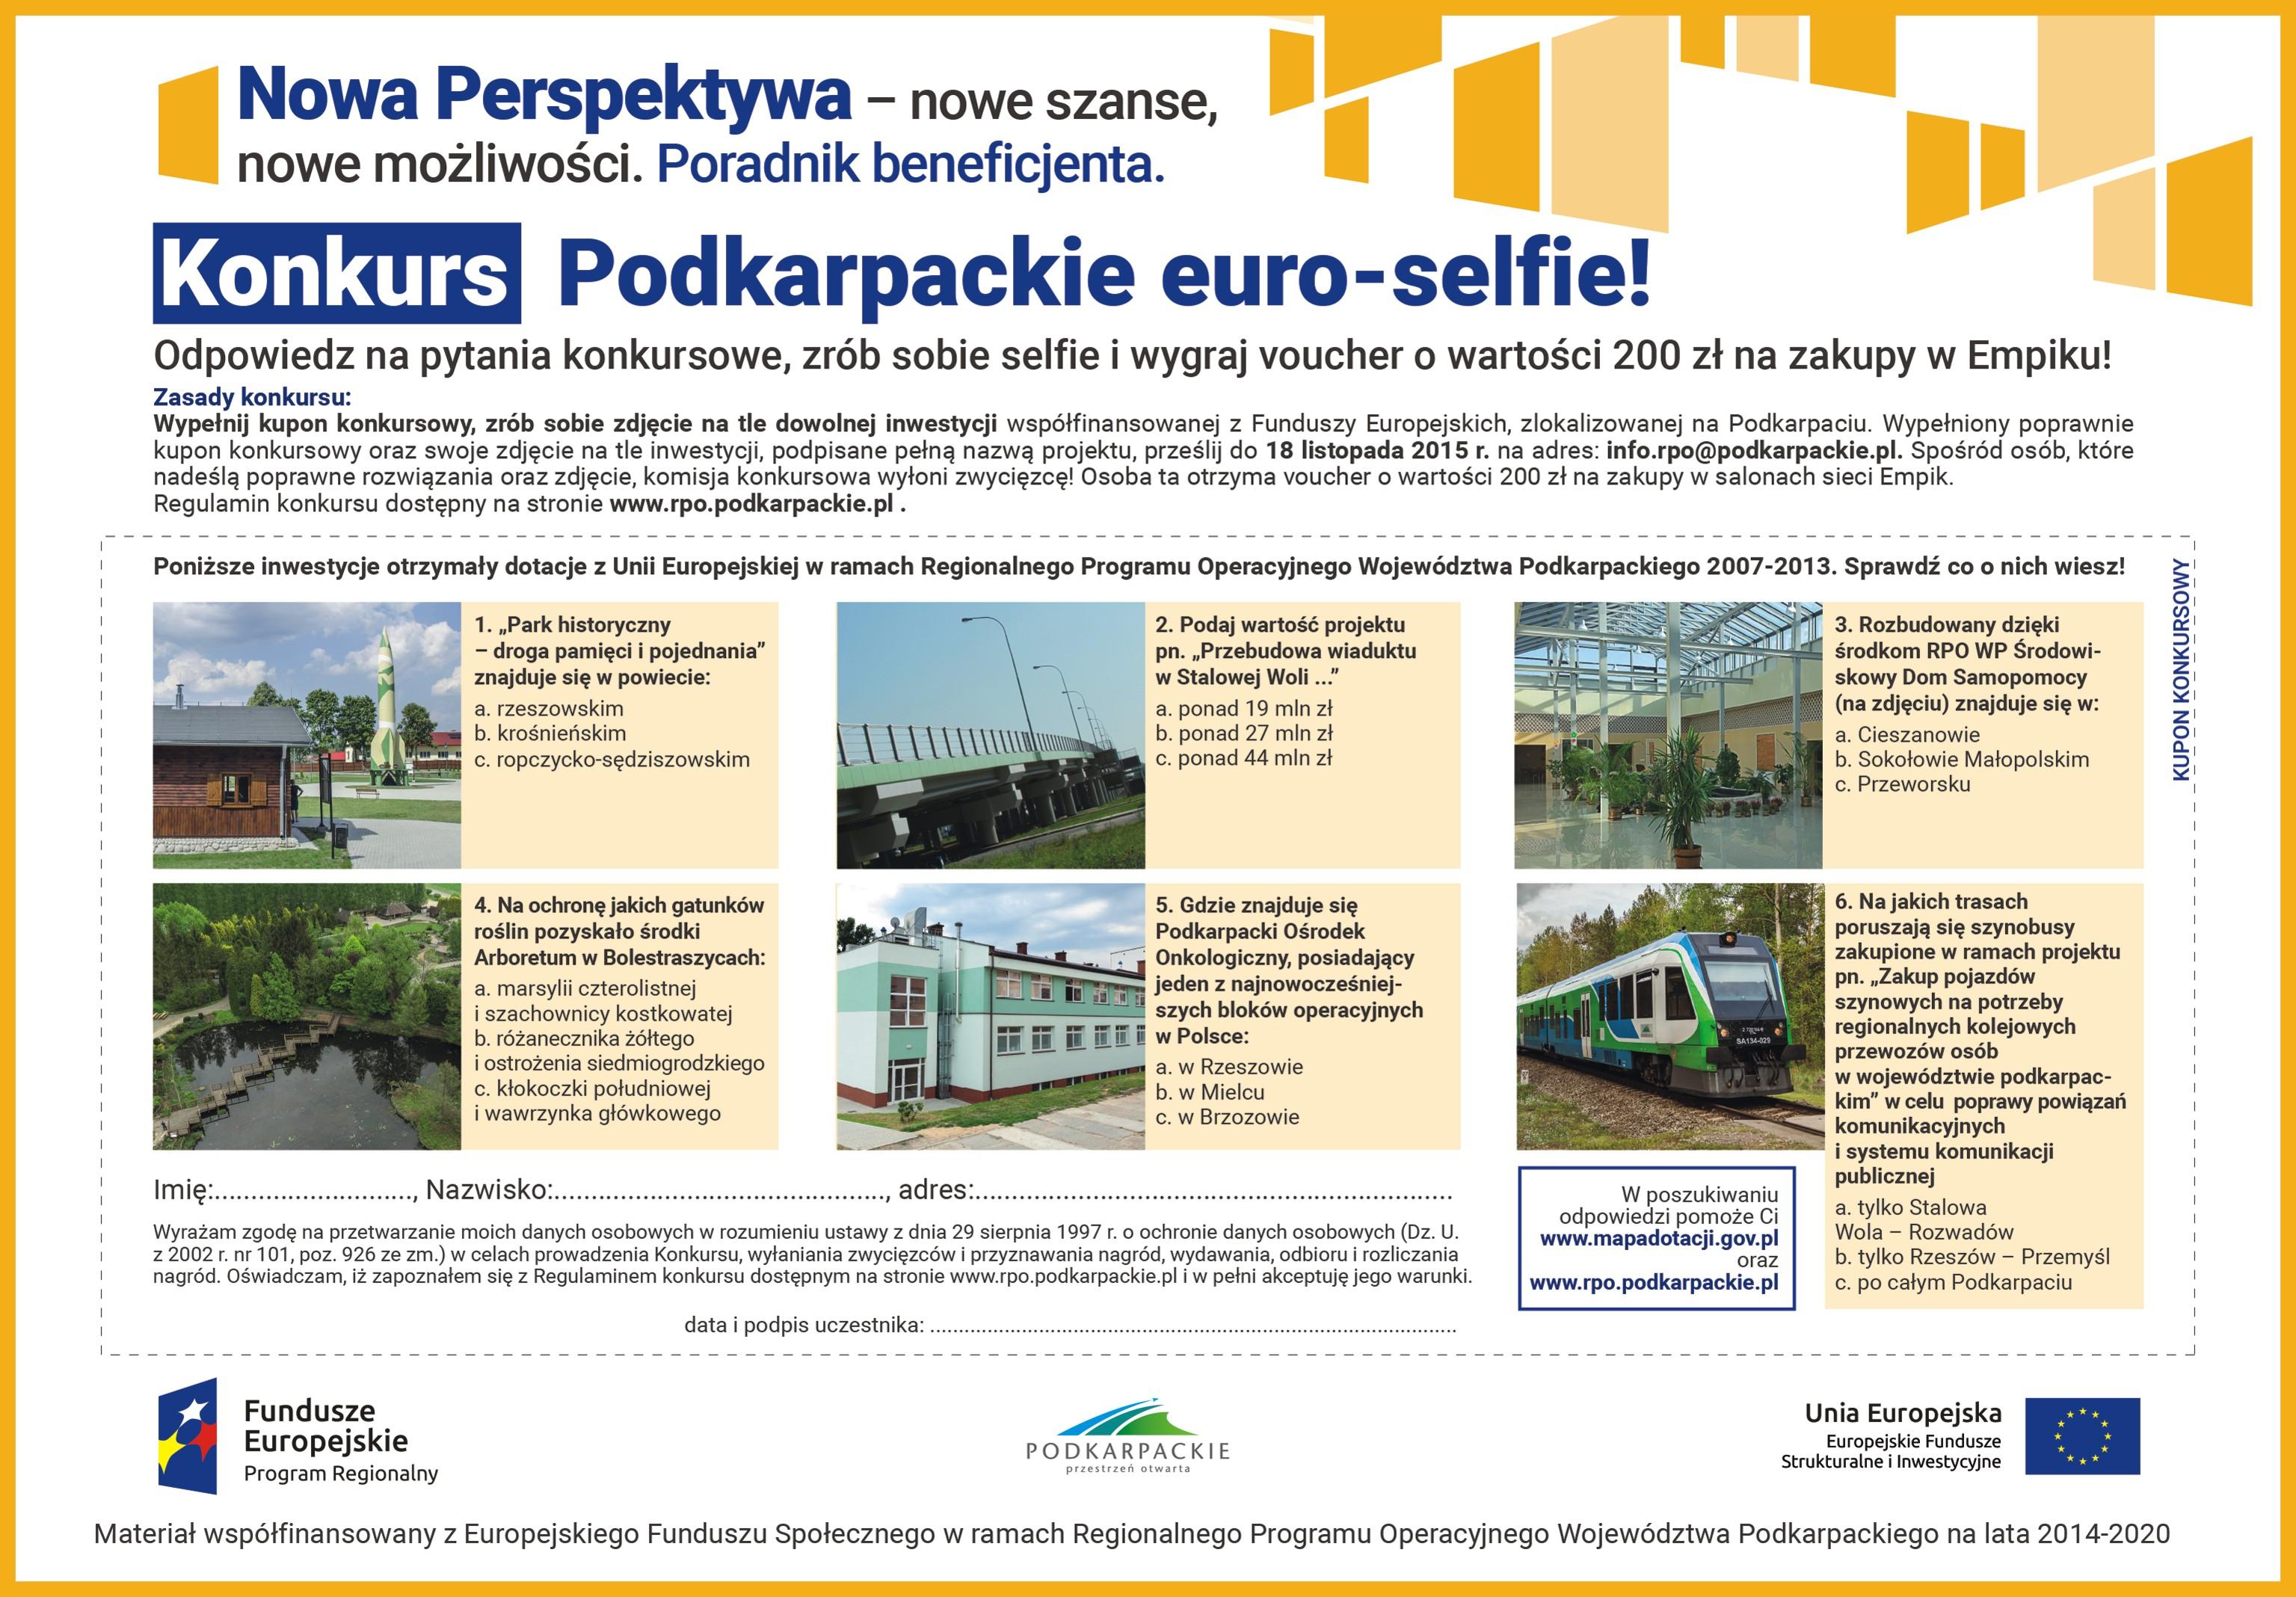 Konkurs –Podkarpackie euro-selfie!